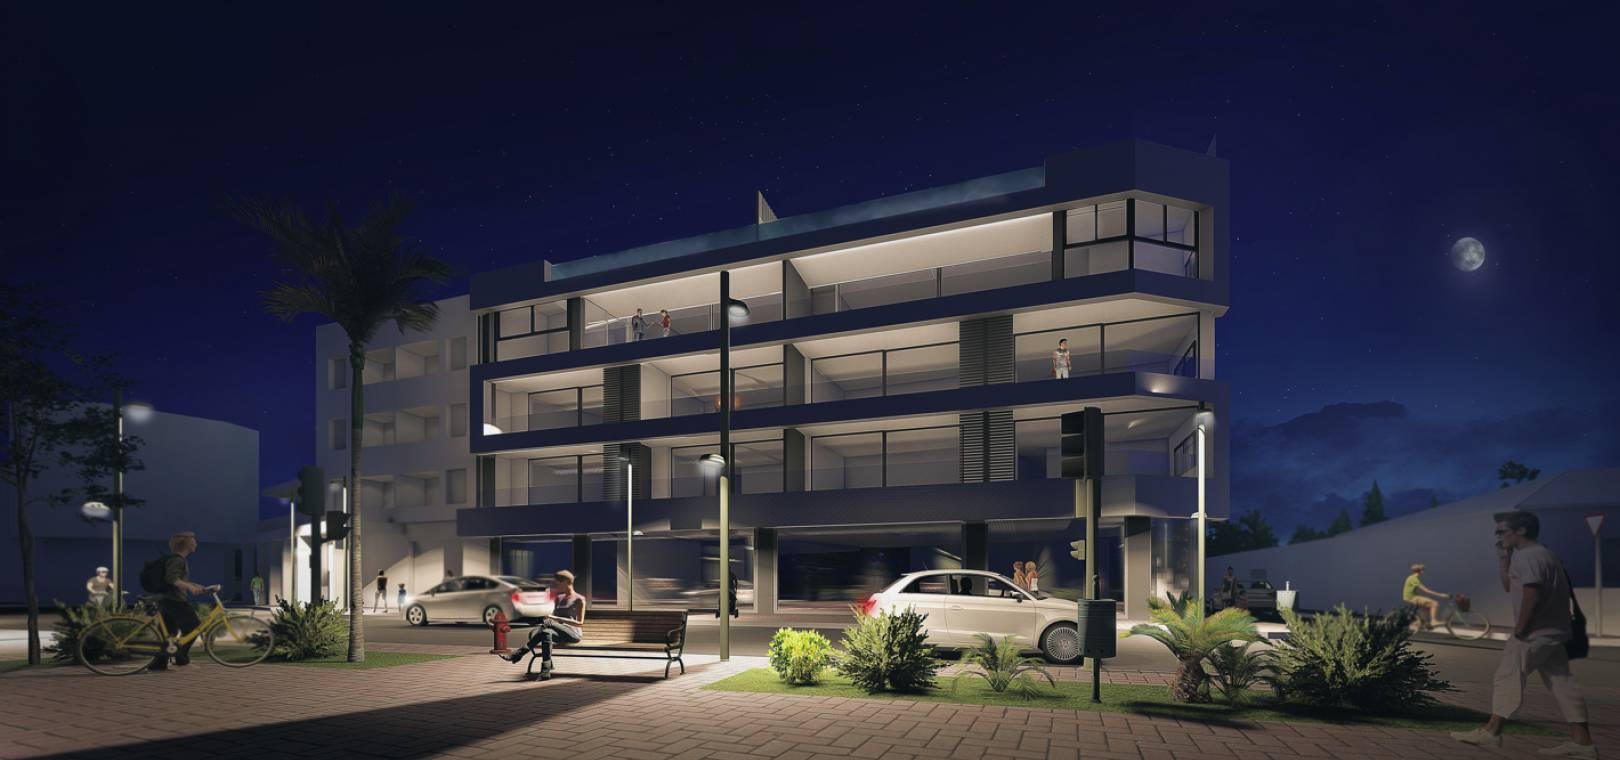 Nieuw gebouw - Appartement - Lo Pagan - 30740, Lo Pagan, Murcia, Spain